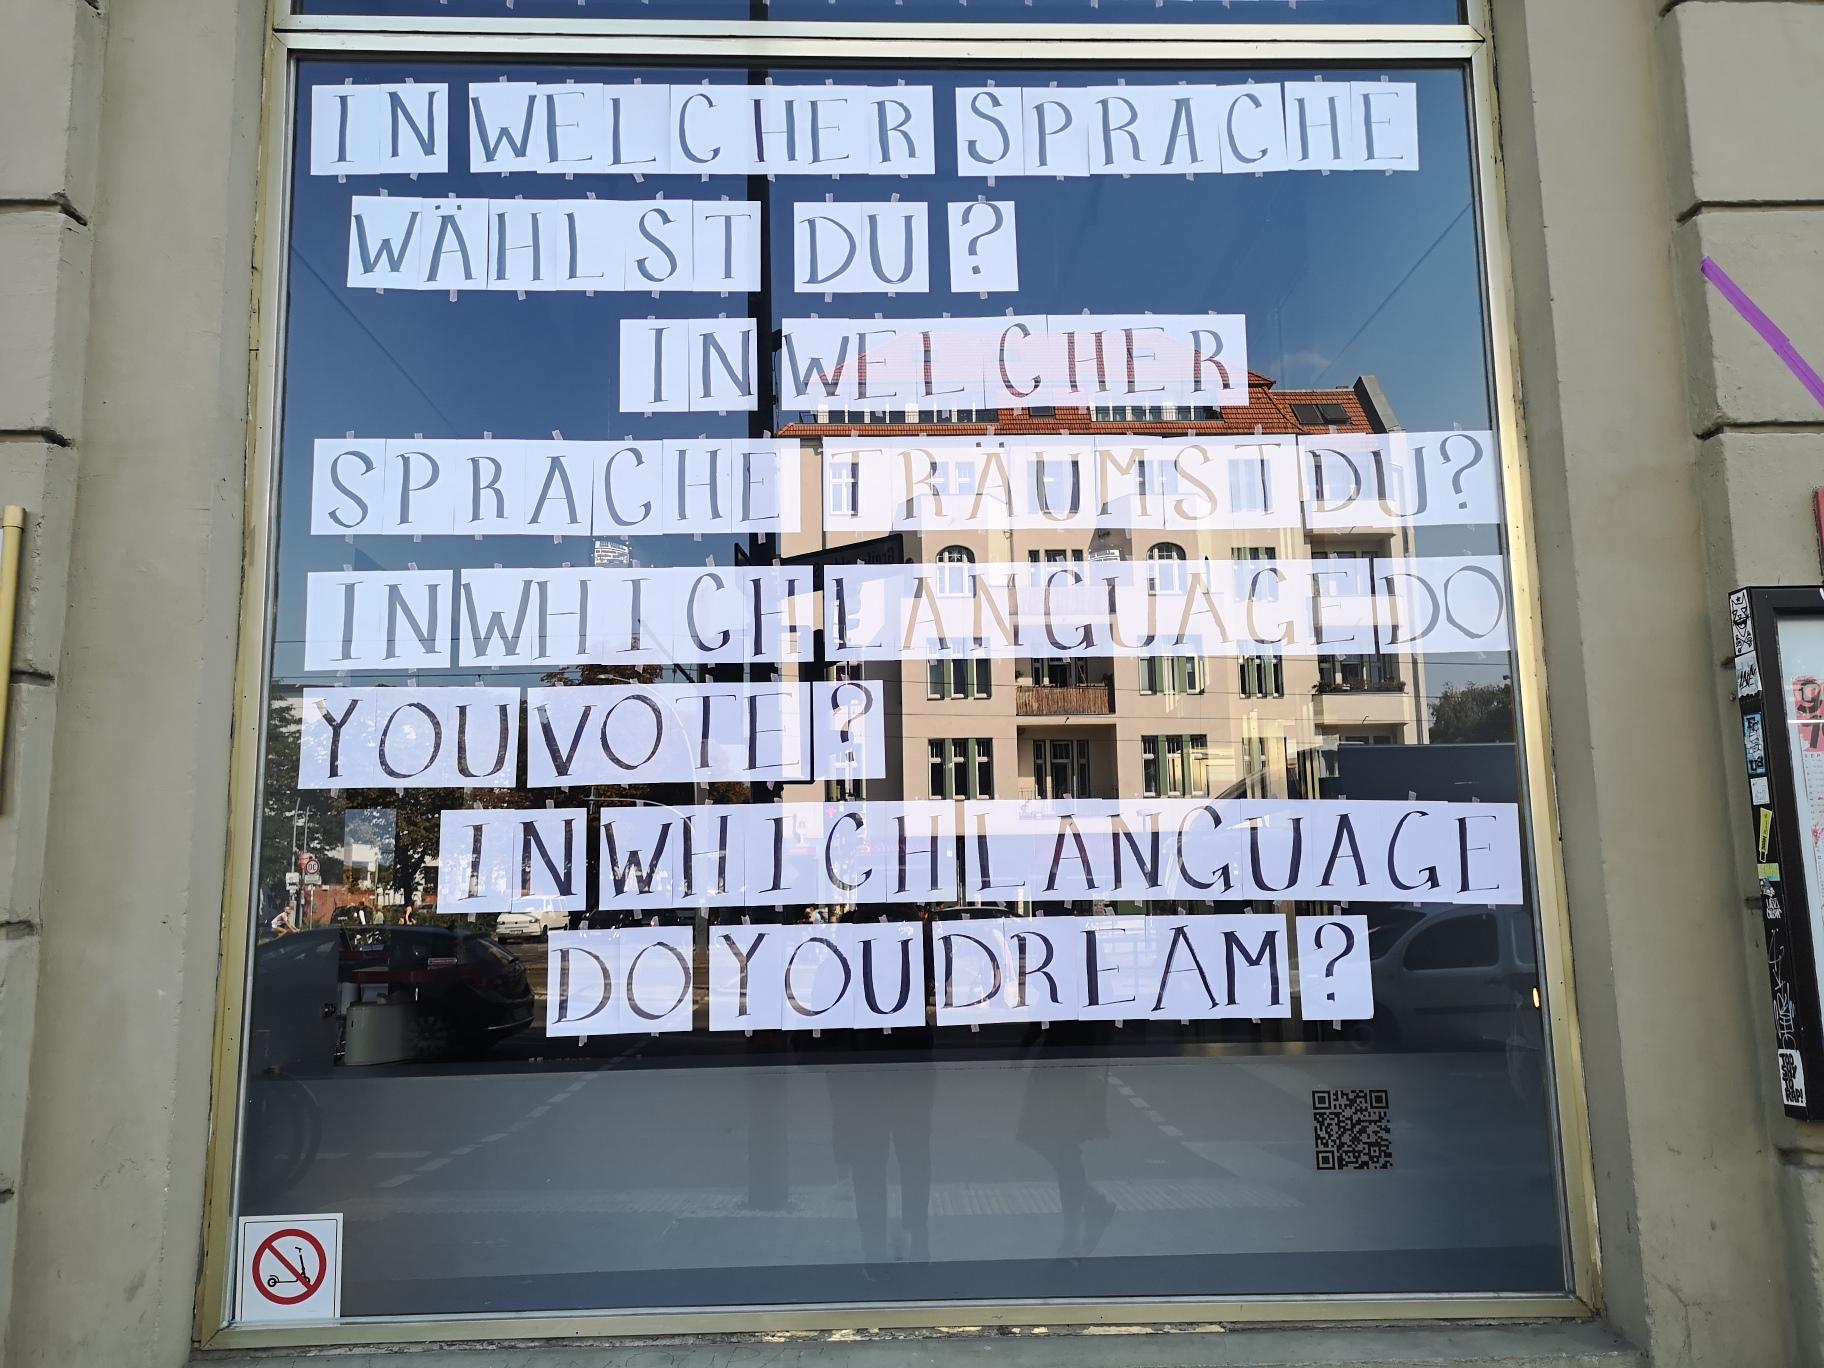 Schaufenster der Schaubude mit auf Din-A4-Zetteln geschriebenen Buchstaben, die zusammen die Fragen ergeben: In welcher Sprache wählst du? In welcher Sprache träumst du?